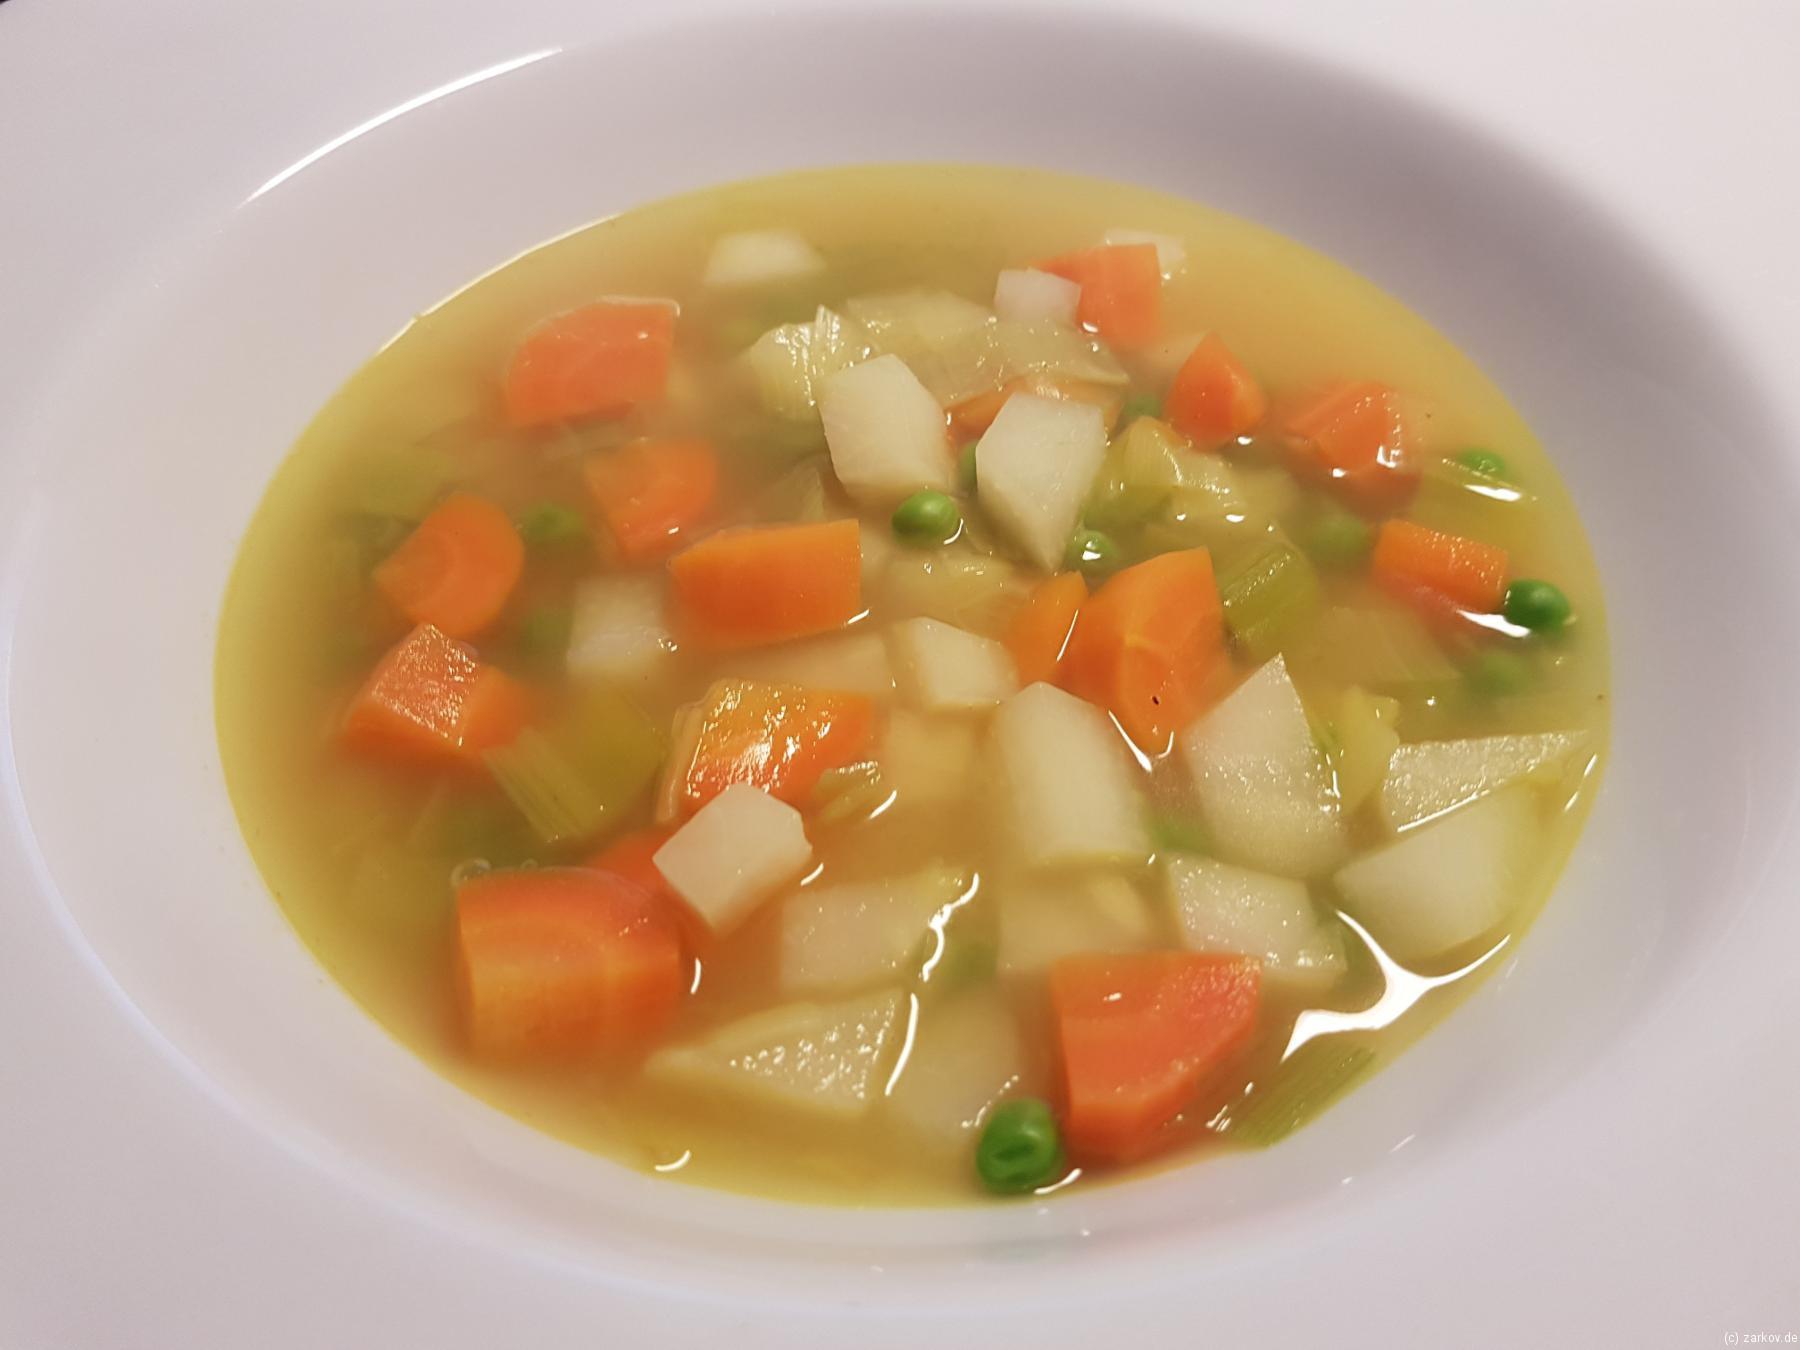 Schnelle Gemüsesuppe - lecker Essen